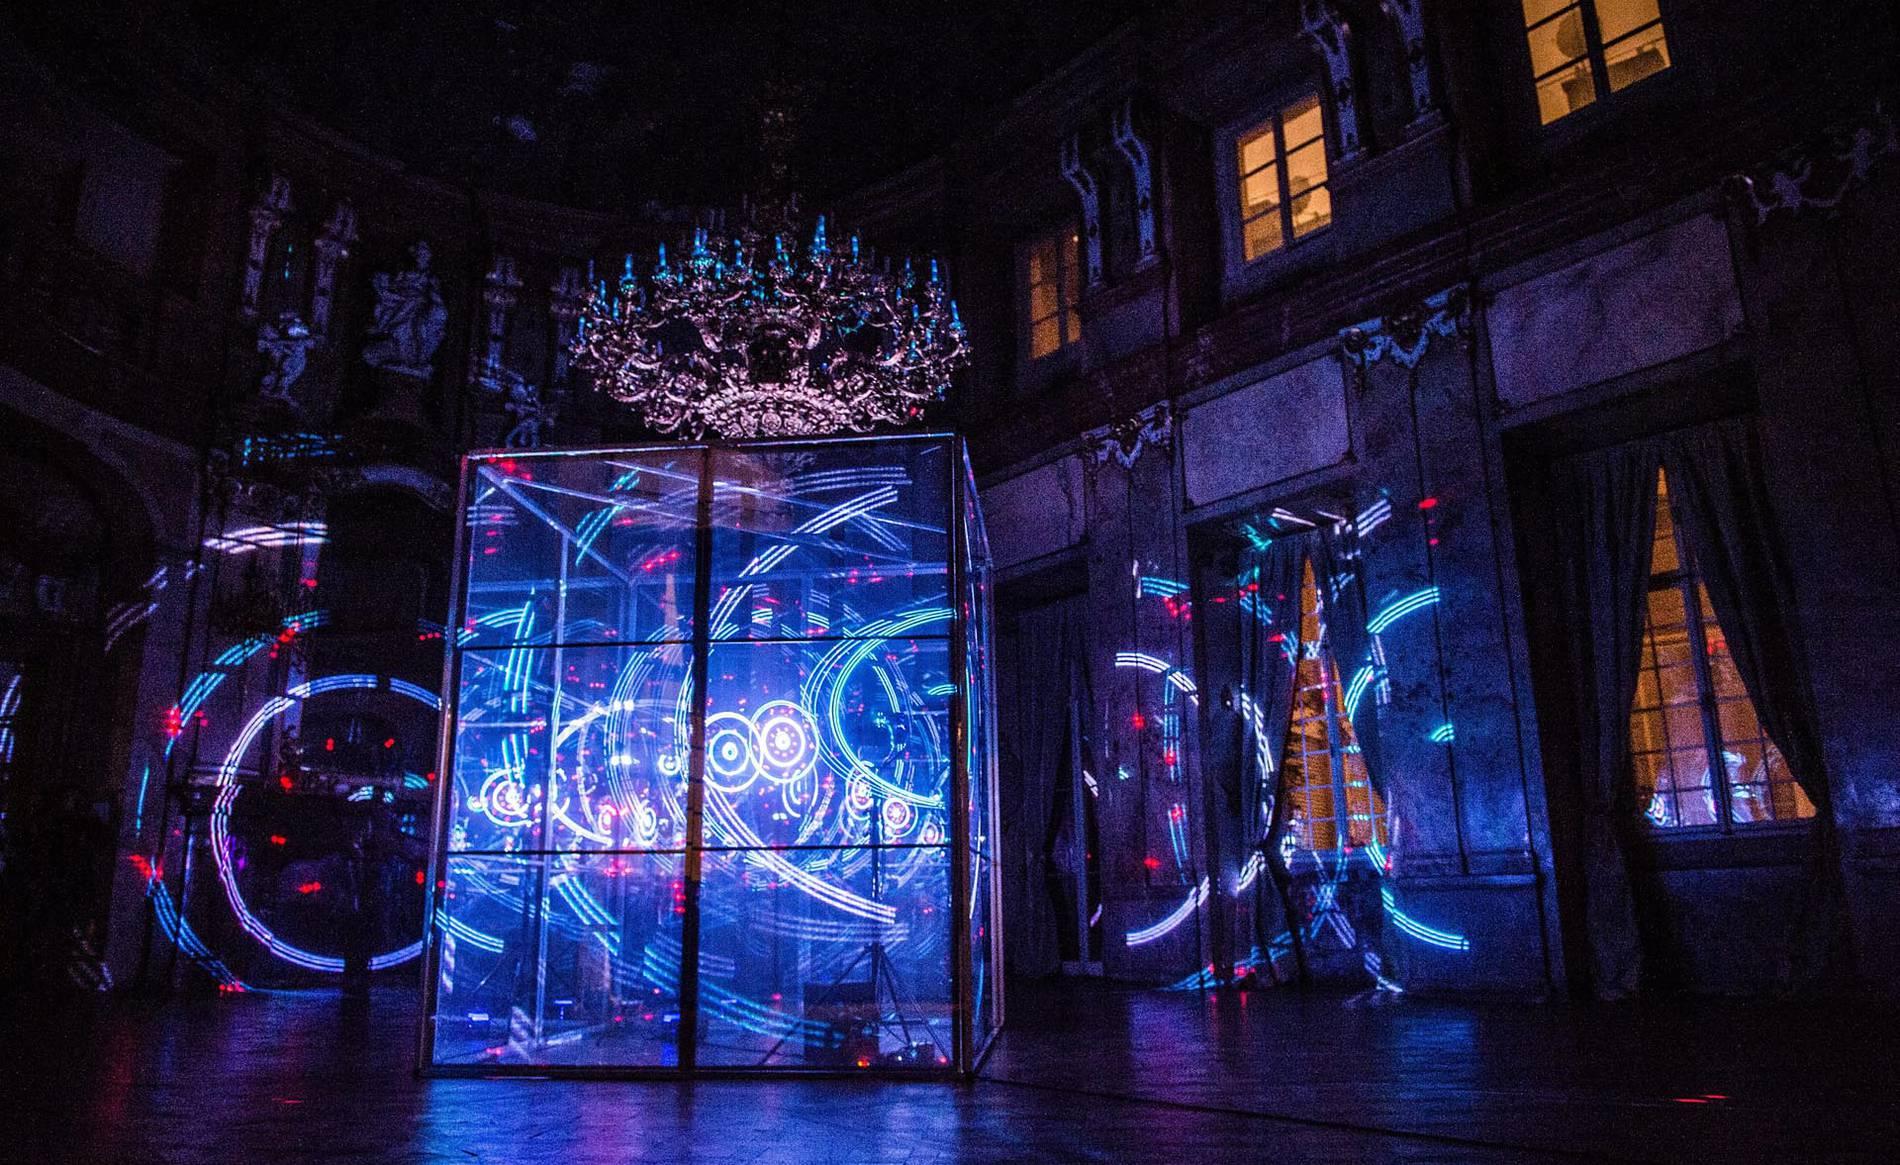 Praga se ilumina gracias al Festival Signal (1/18) - Los visitantes observan las instalaciones de lunes del Festival Signal de Praga - Sociedad -